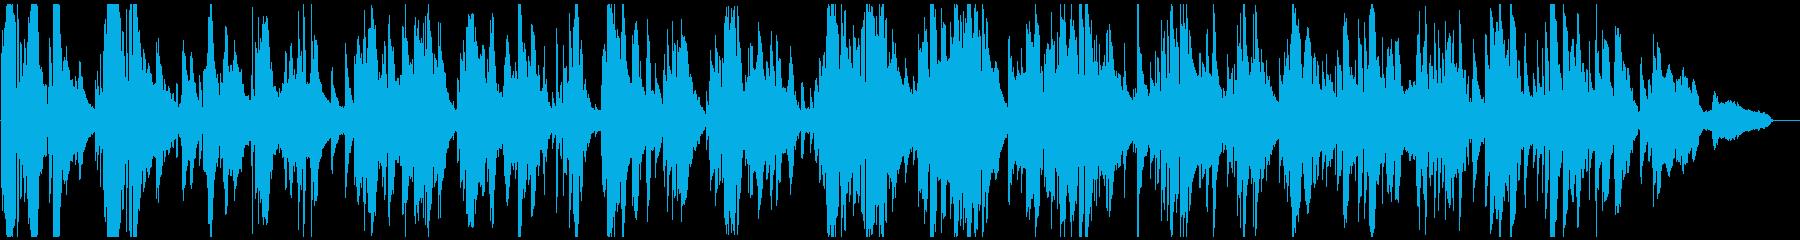 極太メロウな低音サックスのソフトジャズの再生済みの波形